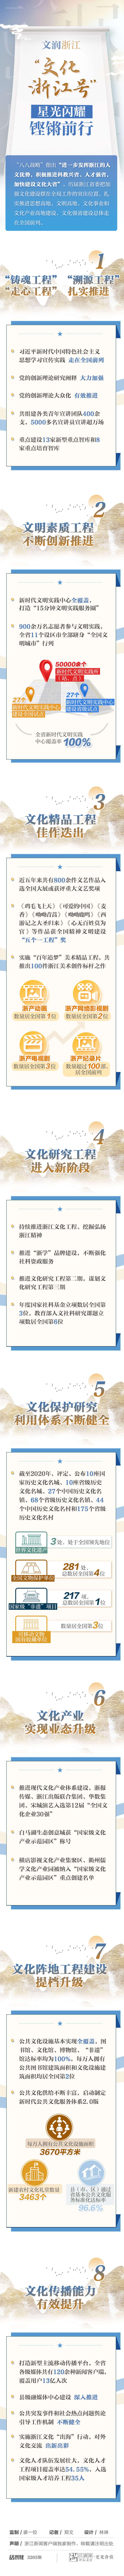 """文润浙江 """"文化浙江号"""",星光闪耀,铿锵前行.jpg"""